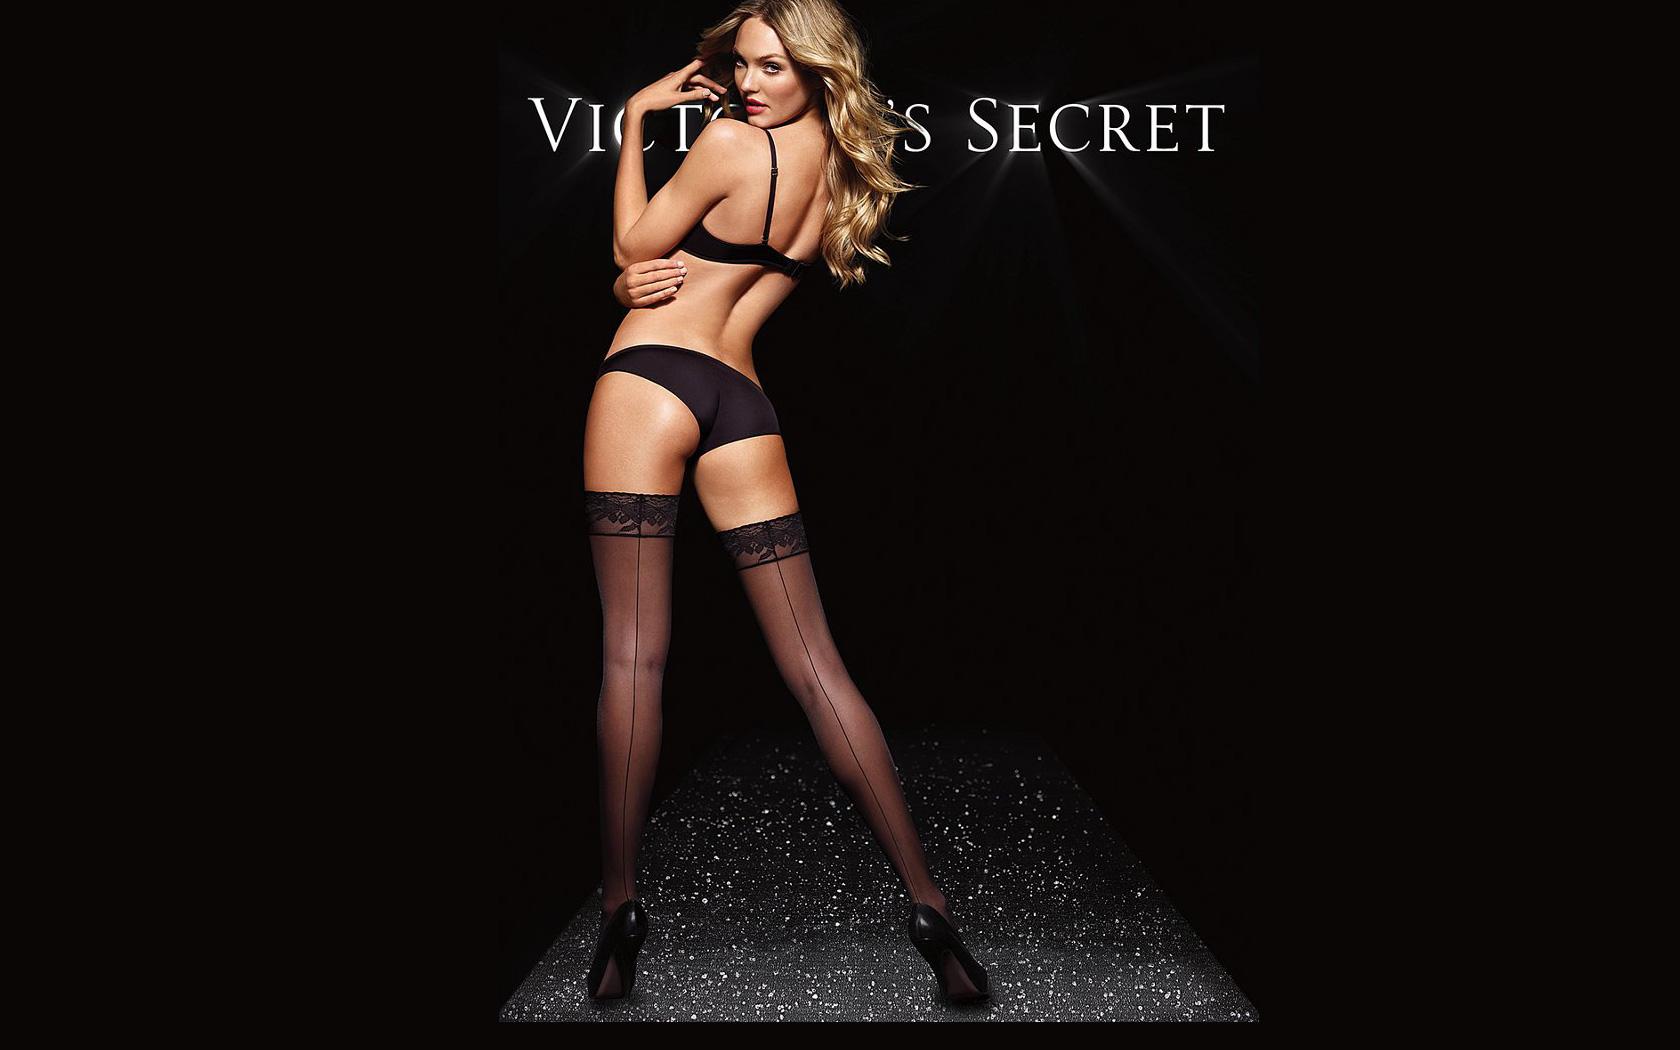 Una ex trabajadora reveló los secretos más oscuros de Victoria's Secret